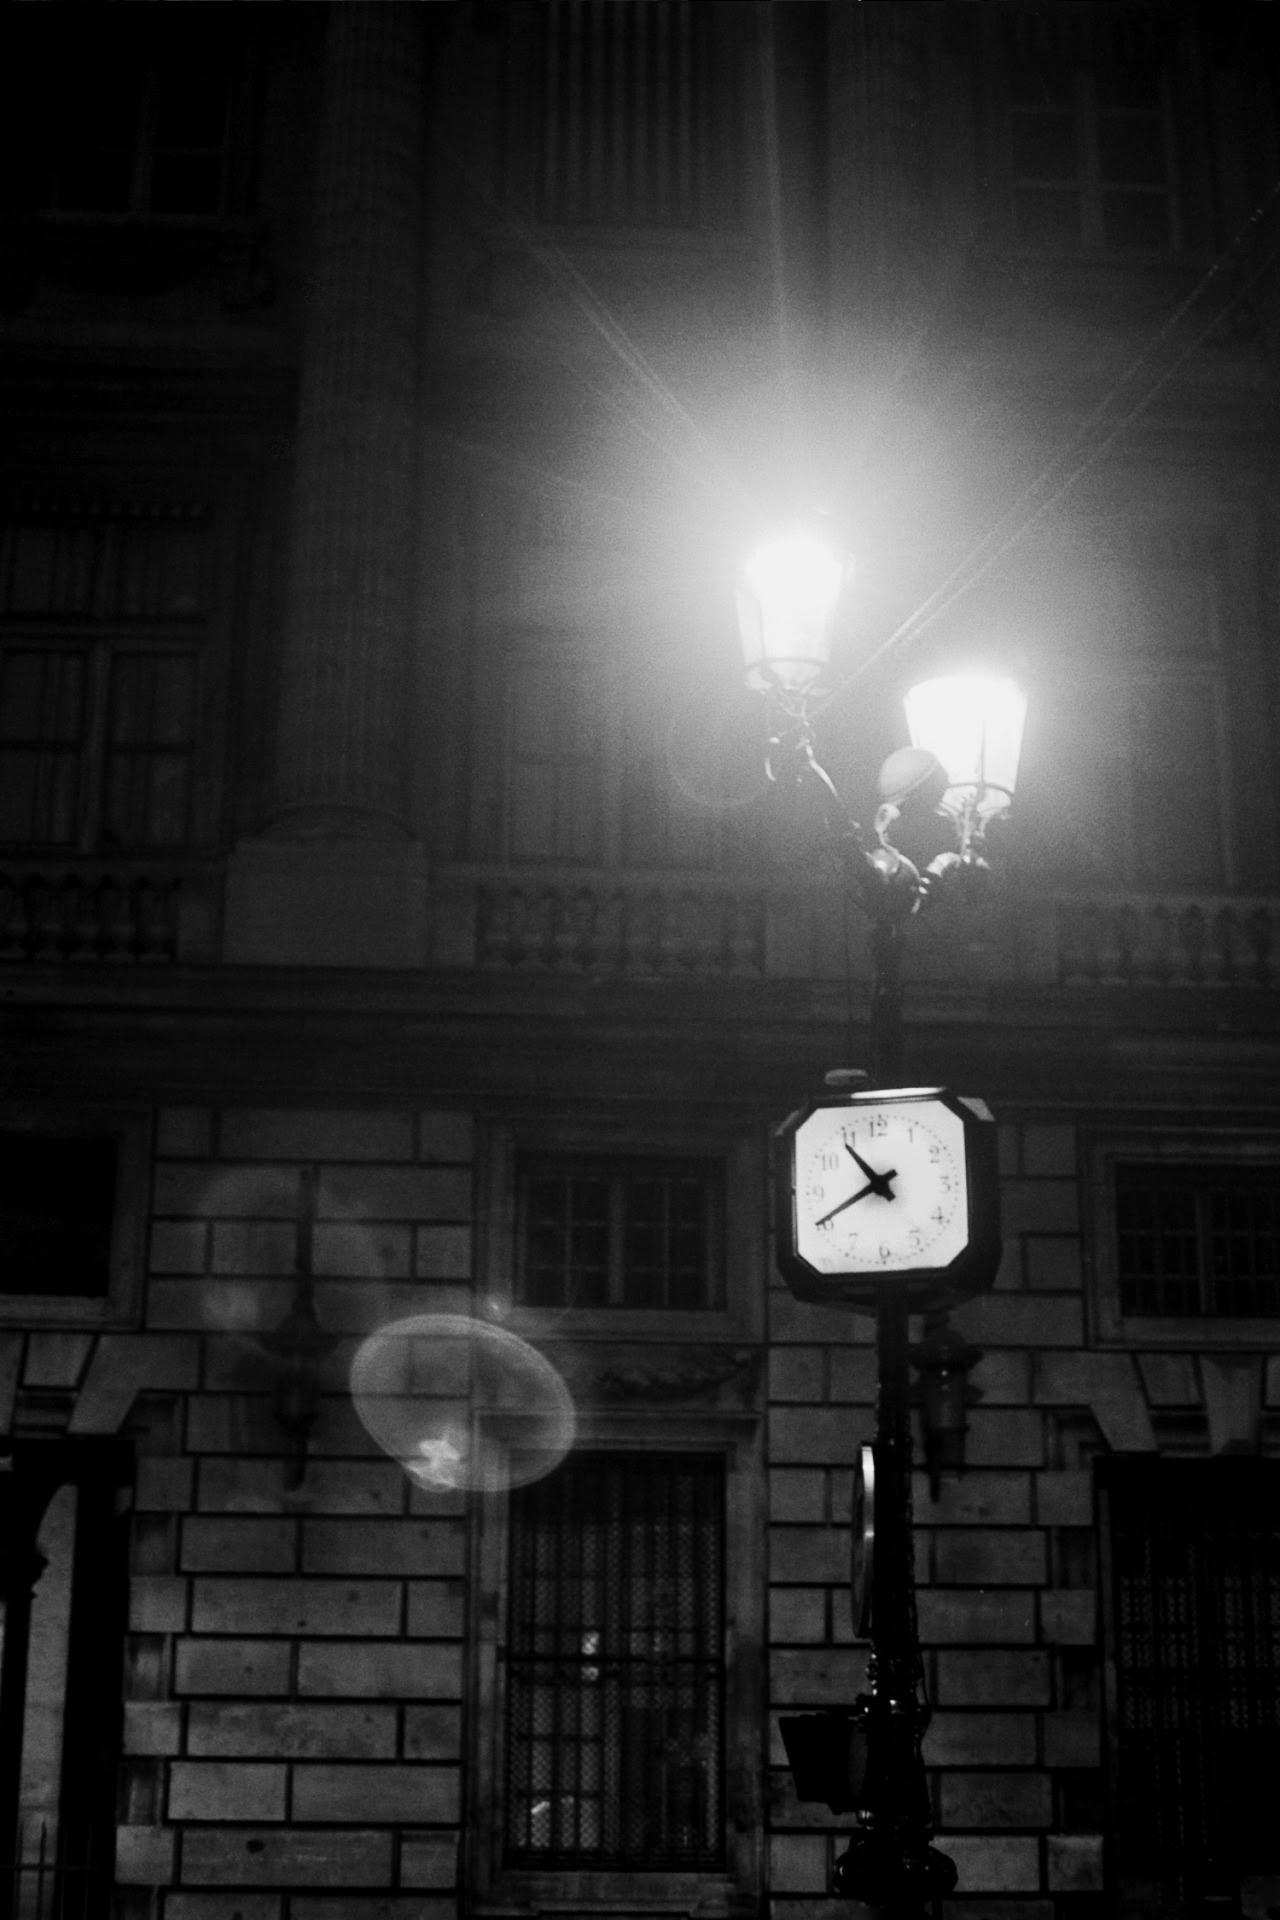 http://littlebrumble.tumblr.com/post/100001077866/paris-time